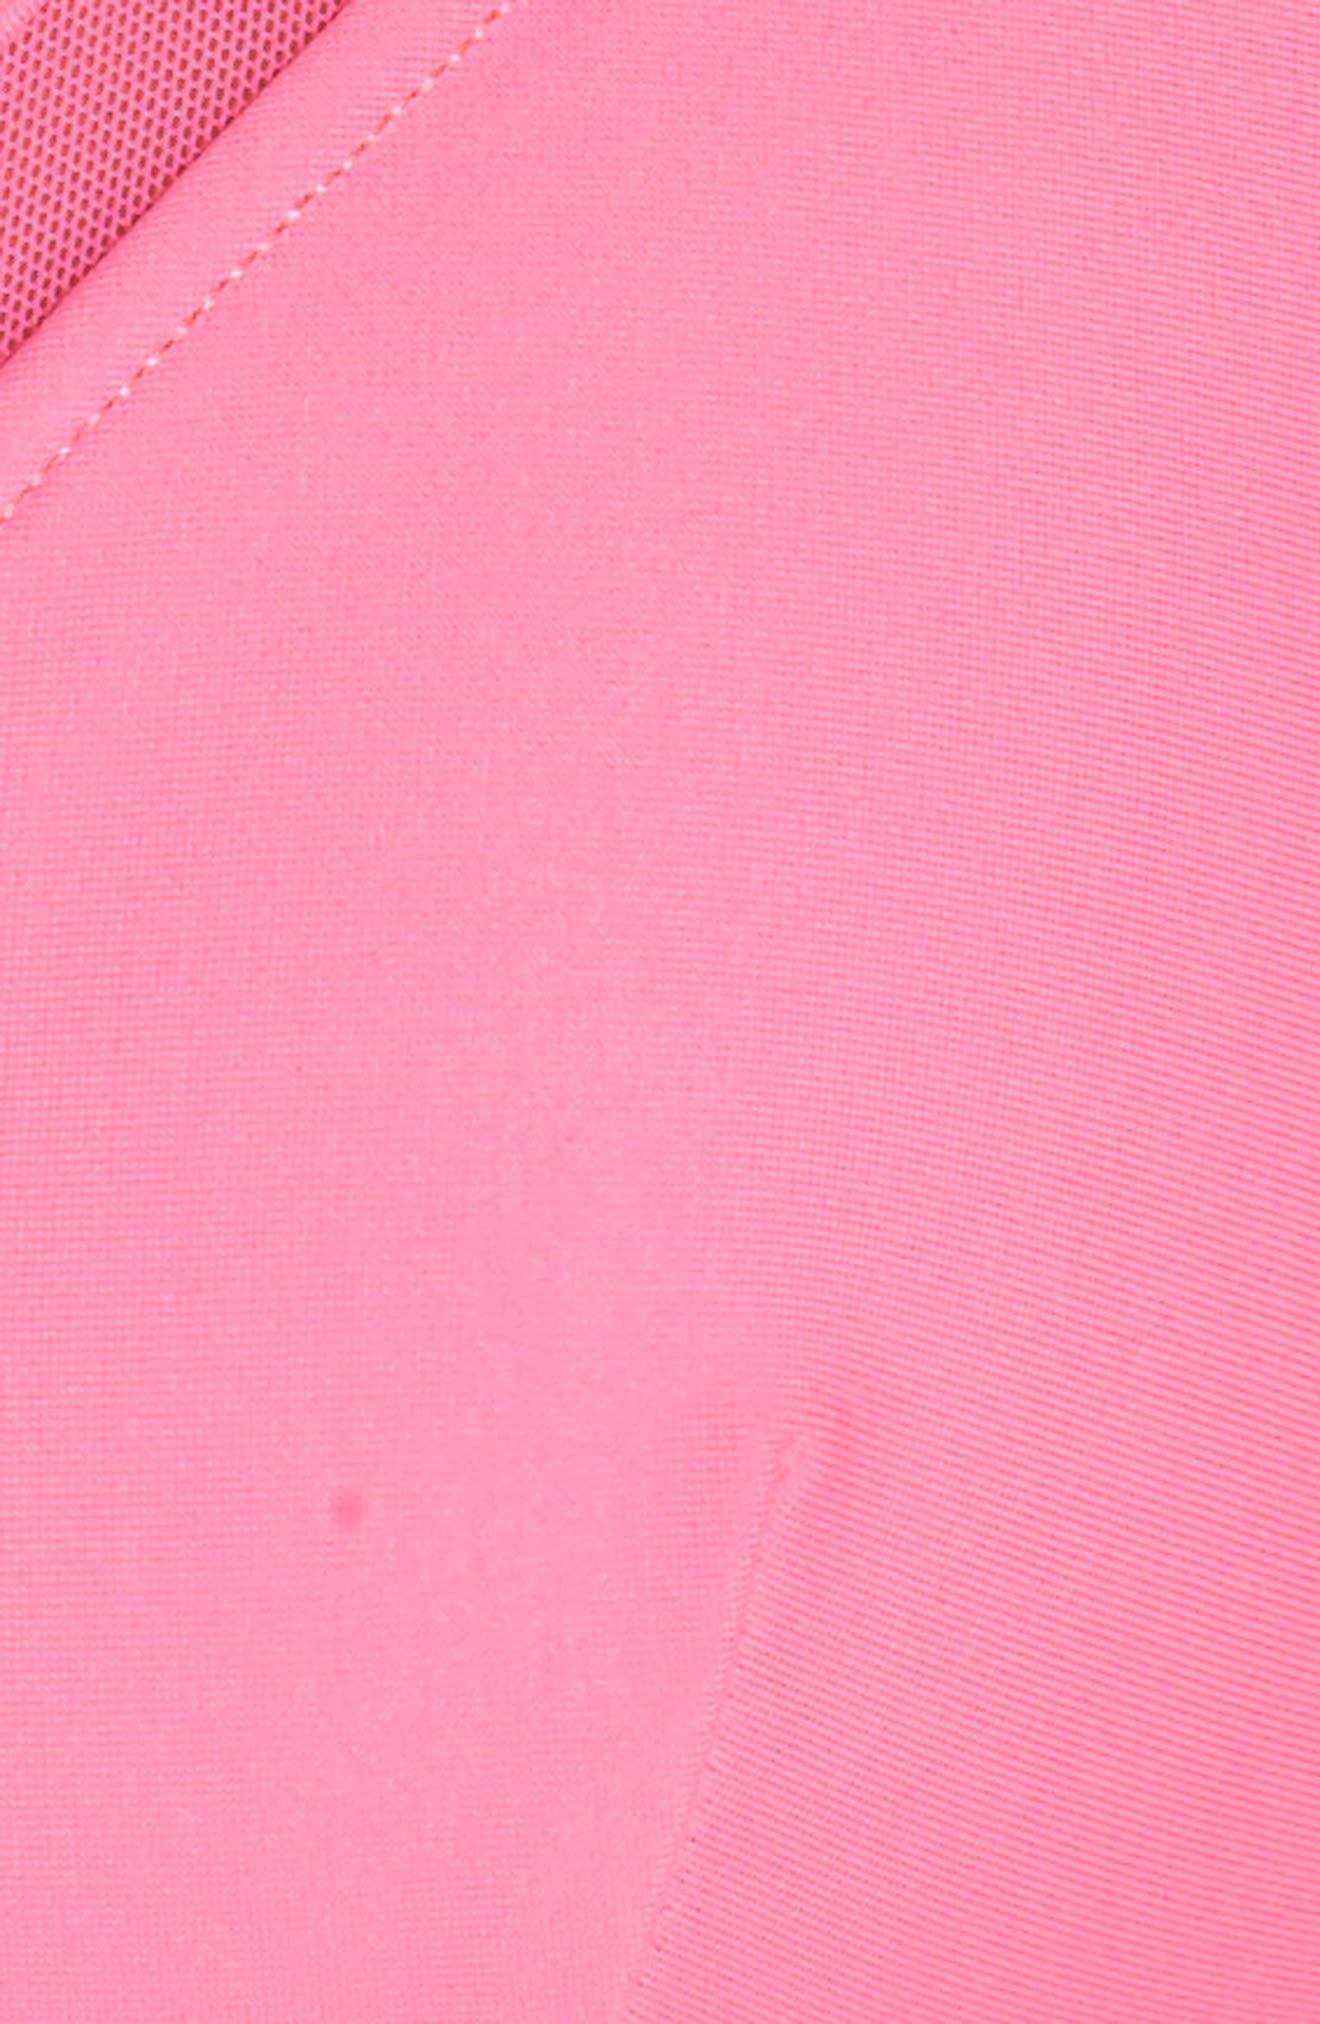 Mesh Inset Bikini Top,                             Alternate thumbnail 5, color,                             Fuchsia